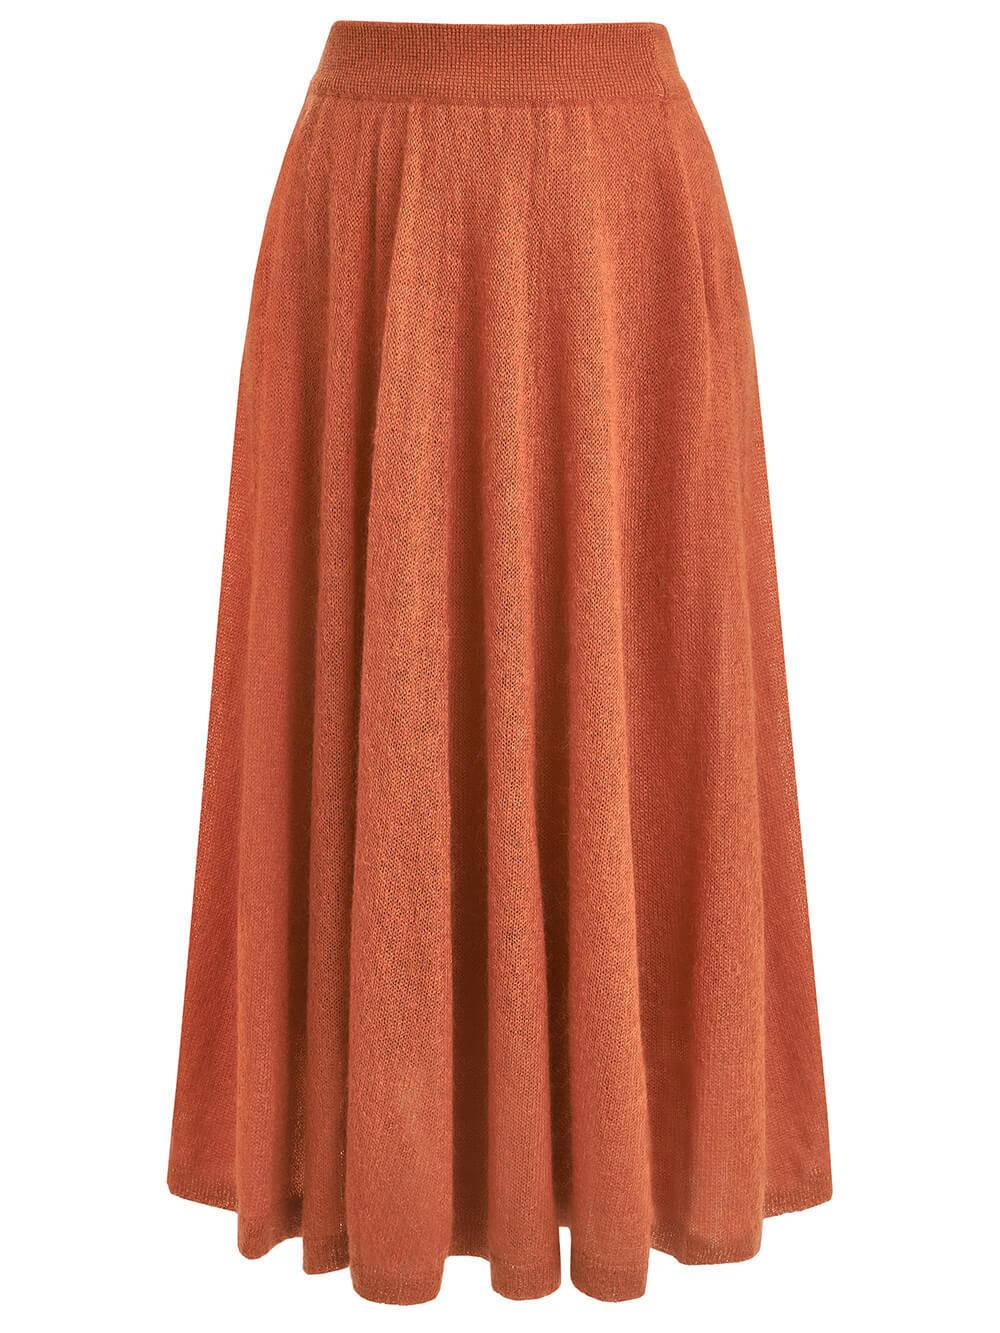 Женская юбка светло-терракотового цвета - фото 1